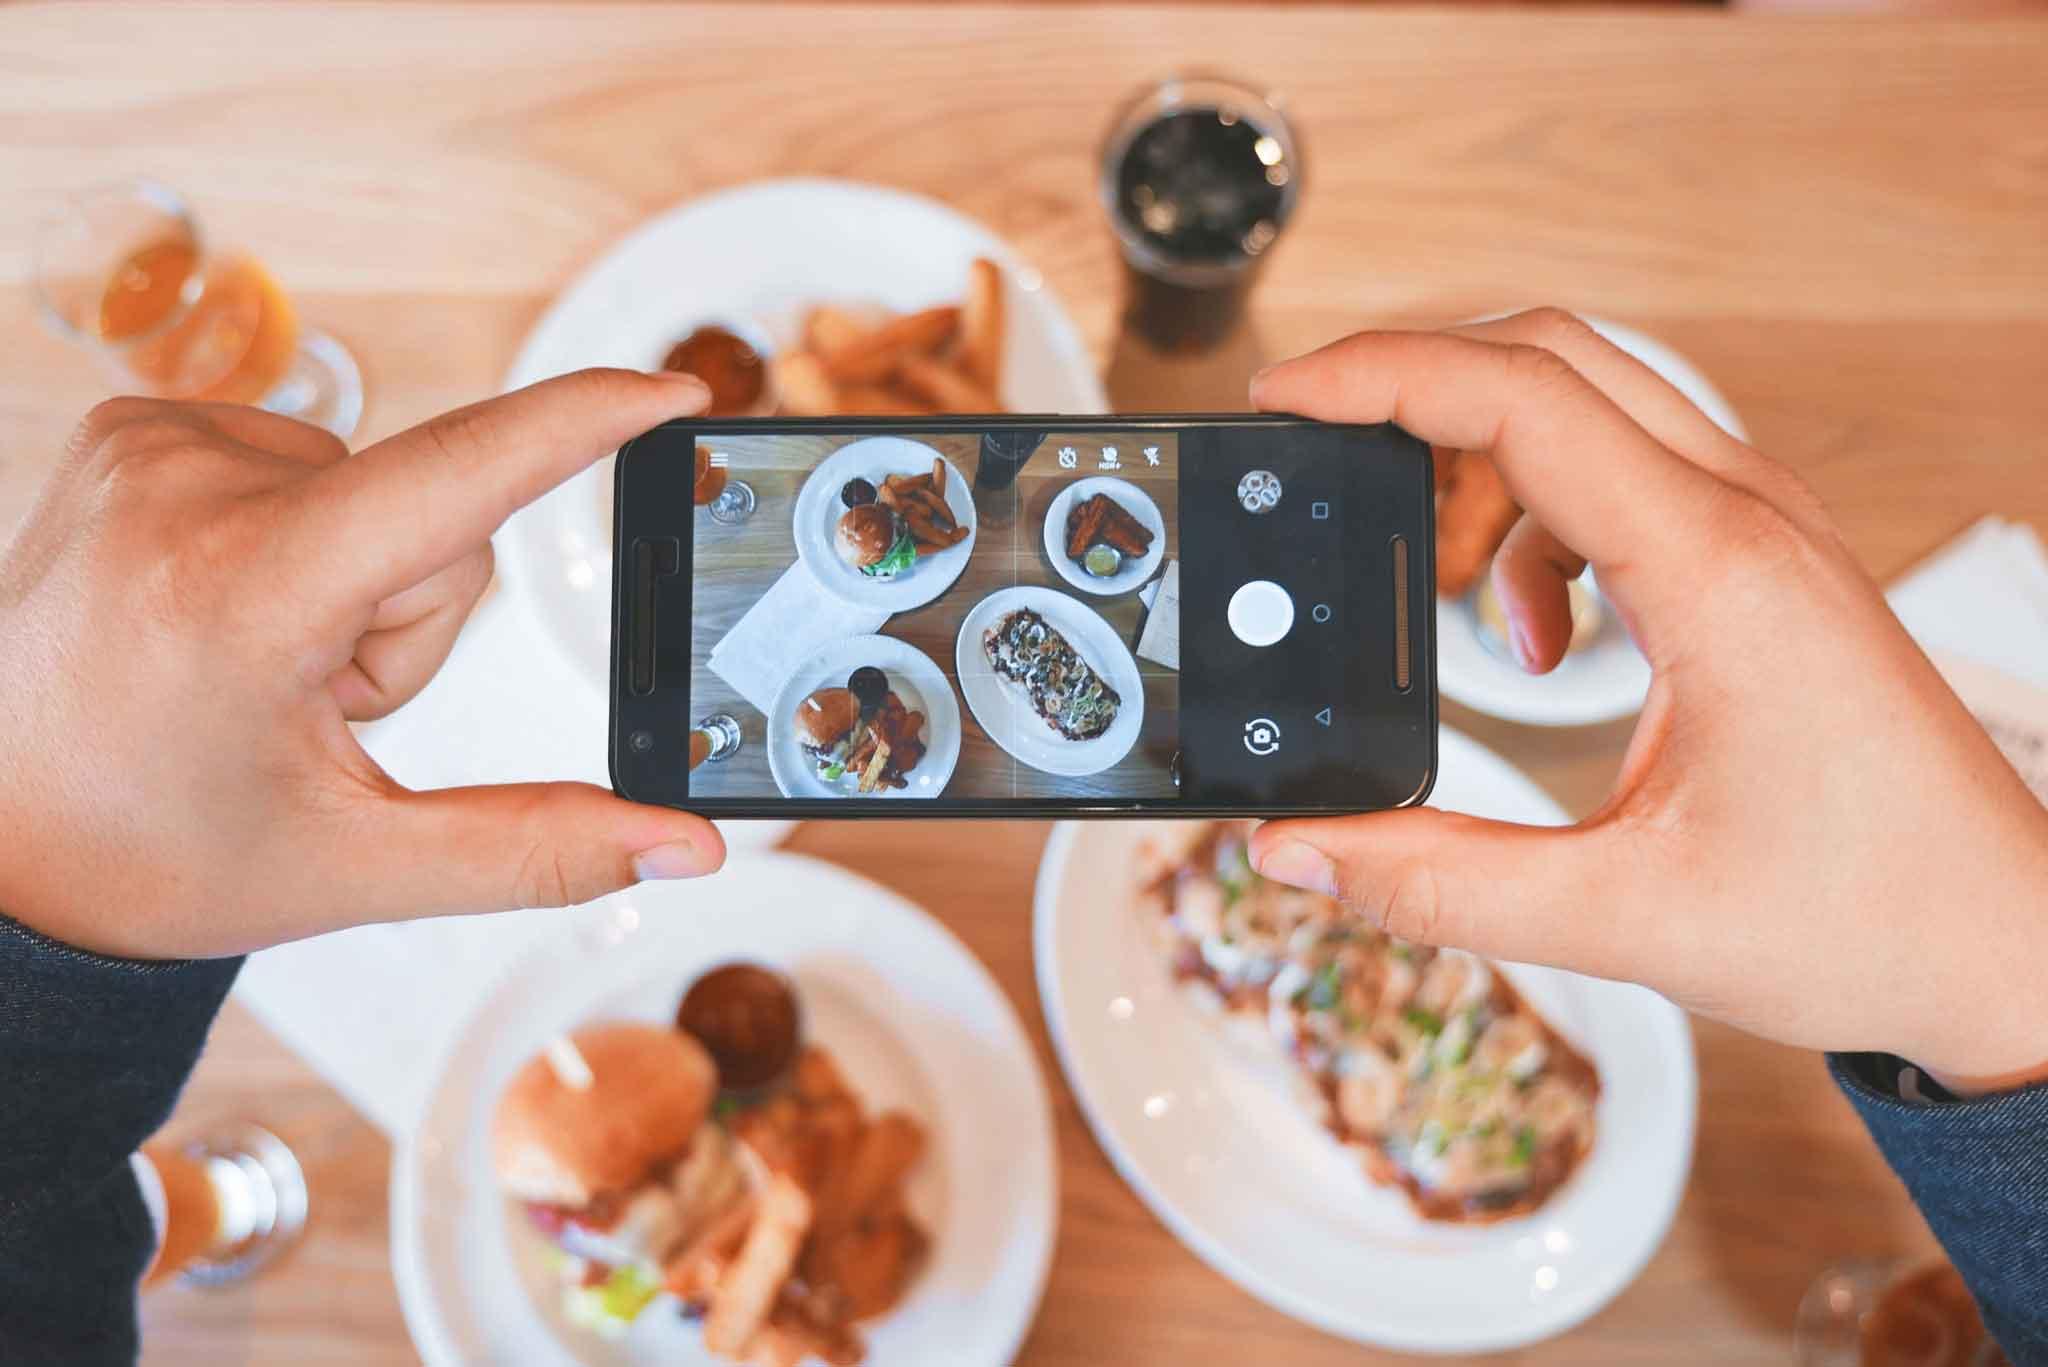 Instagram come fotografare cibo